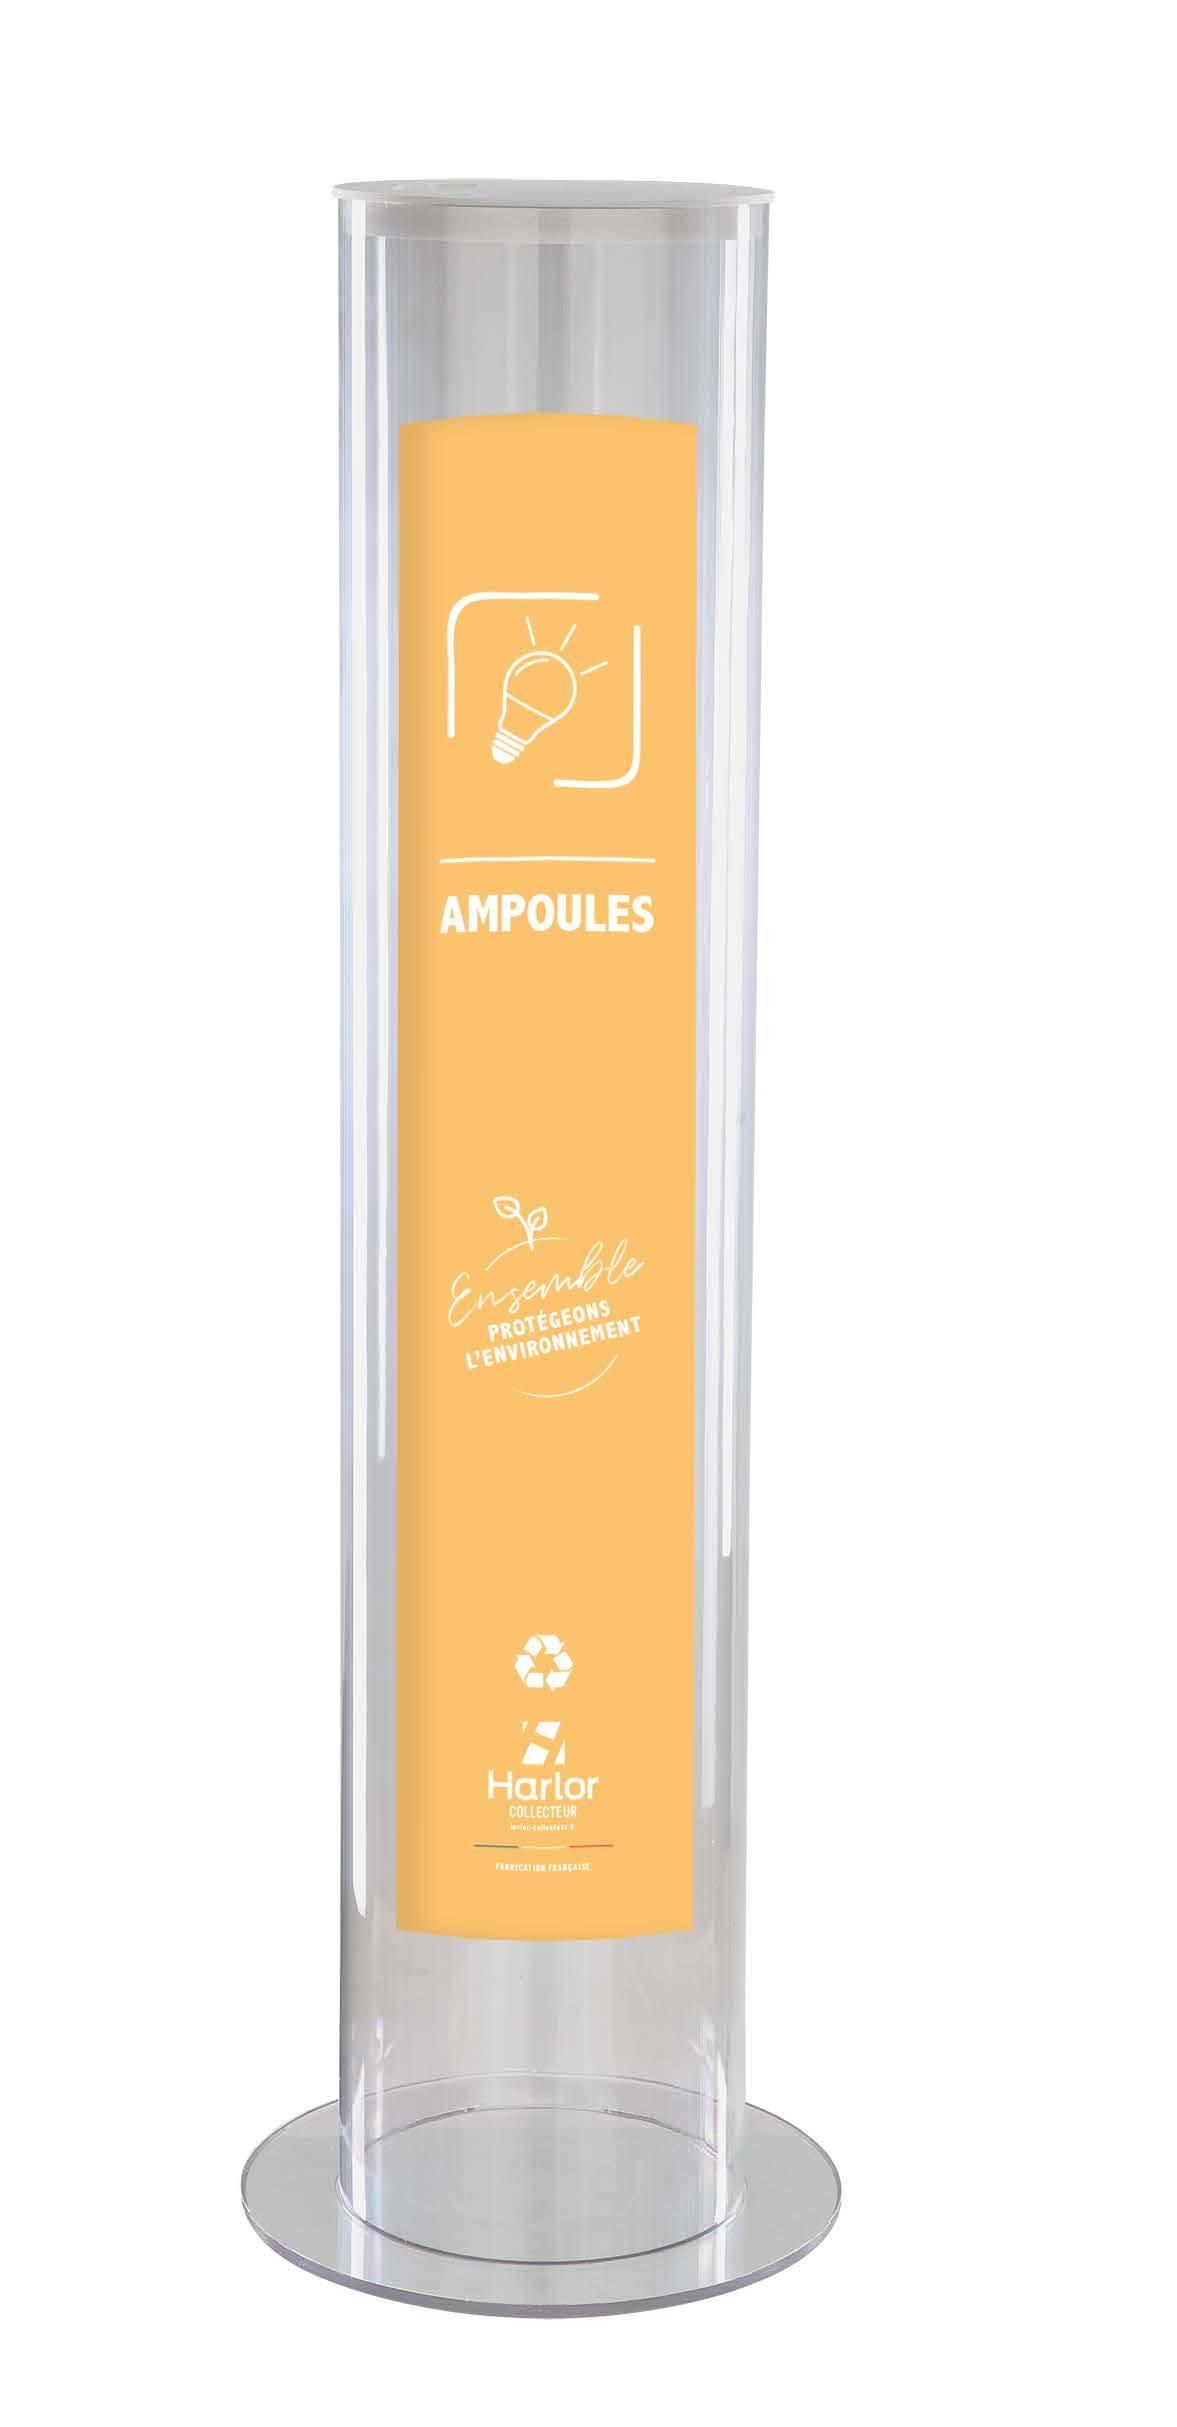 Harlor Collecteur - Collecteur d'ampoules usagées 30L